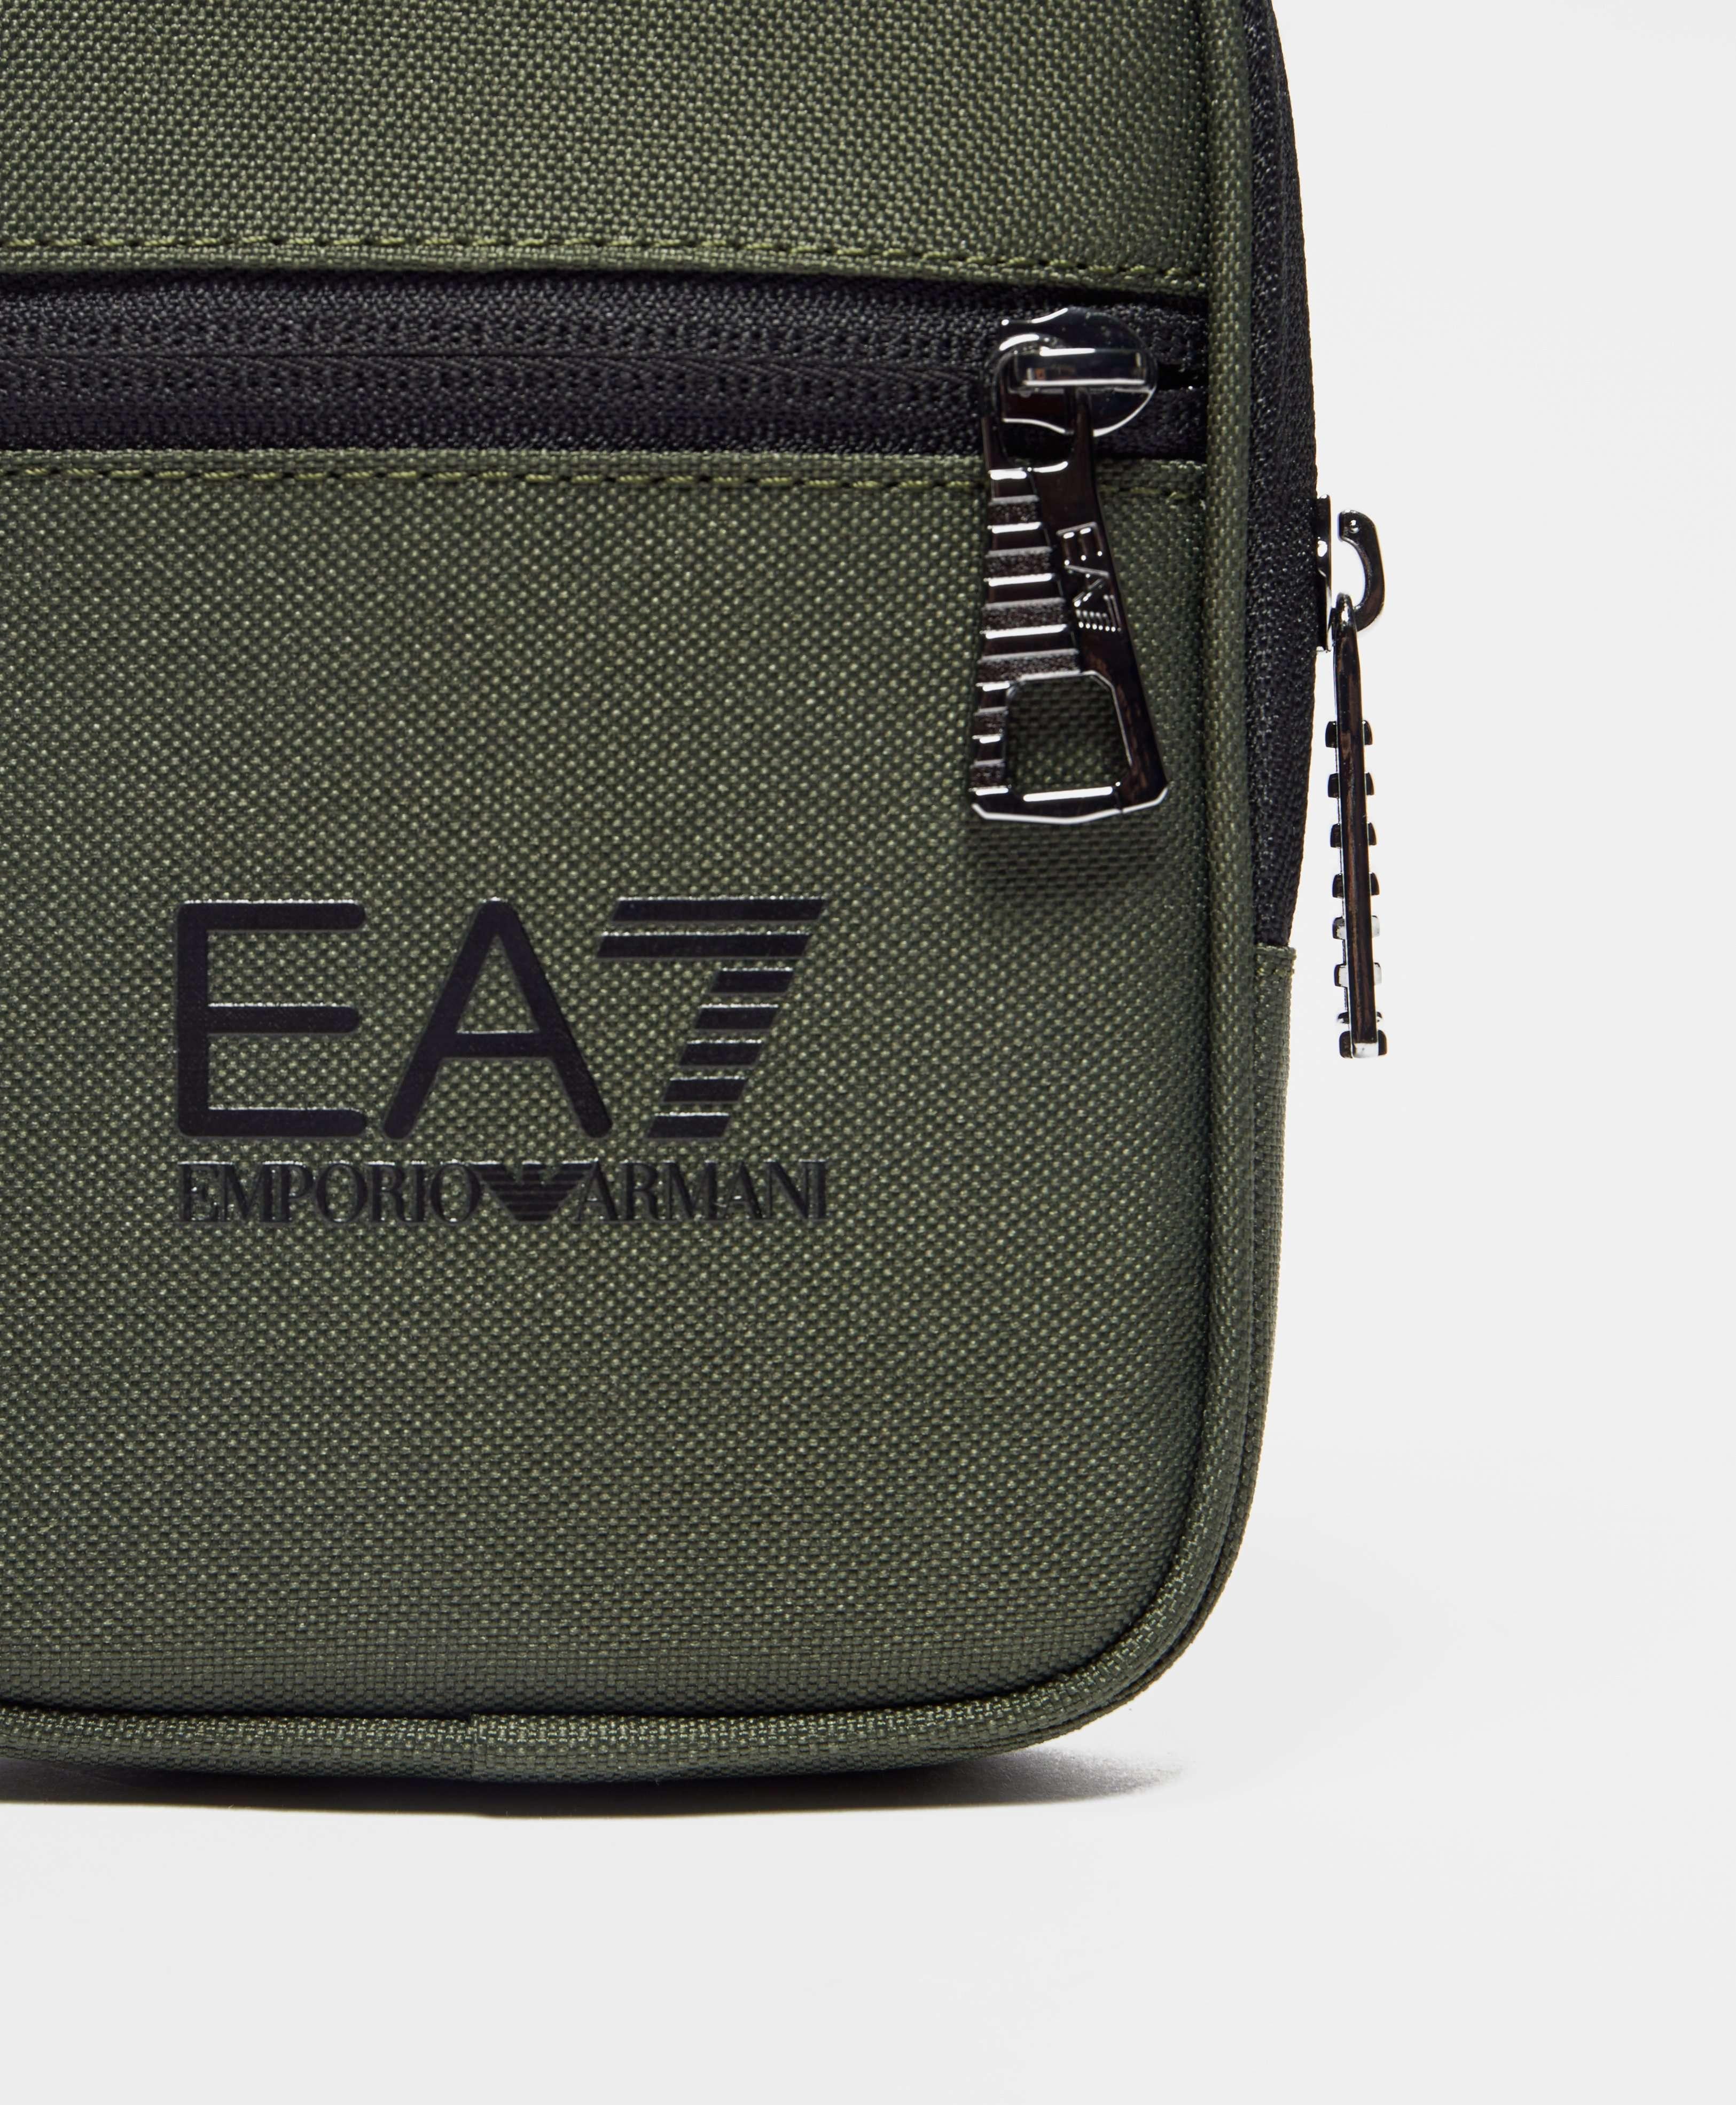 Emporio Armani EA7 Train Small Item Bag